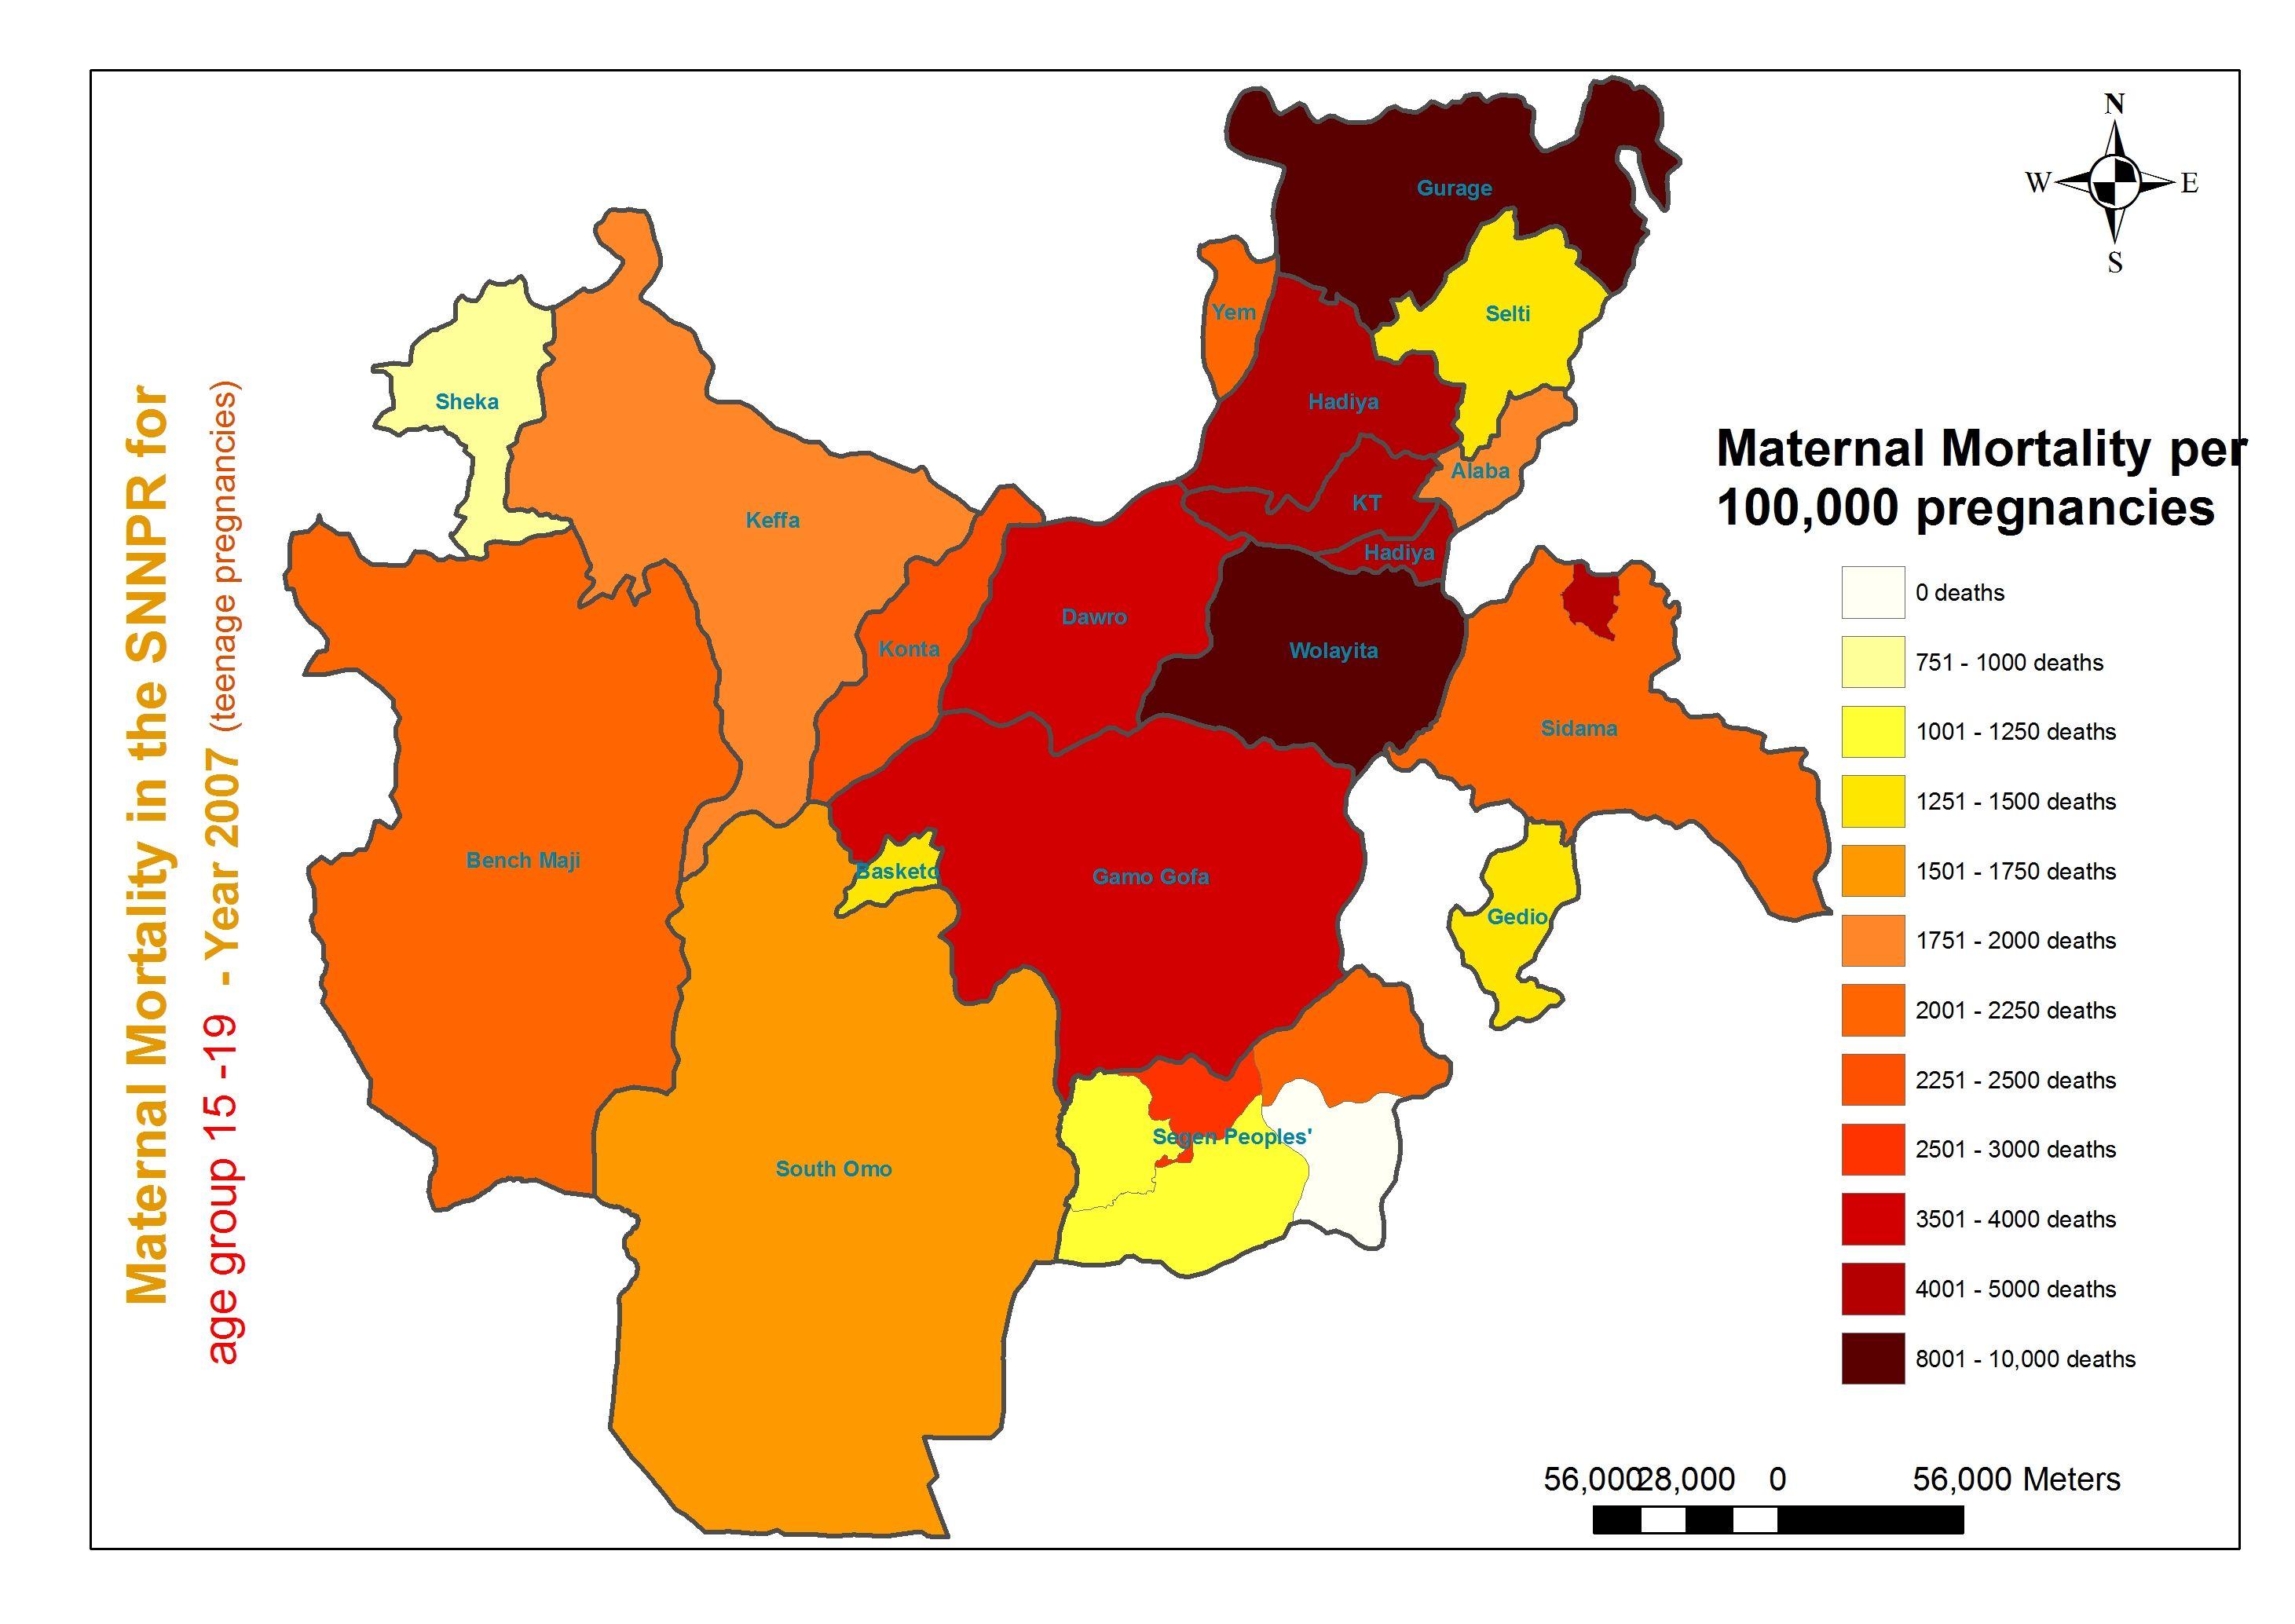 Moedersterfte in de SNNPR - 2007 - voor leeftijdsgroep 15 - 19 jaar | Tienerzwangerschappen